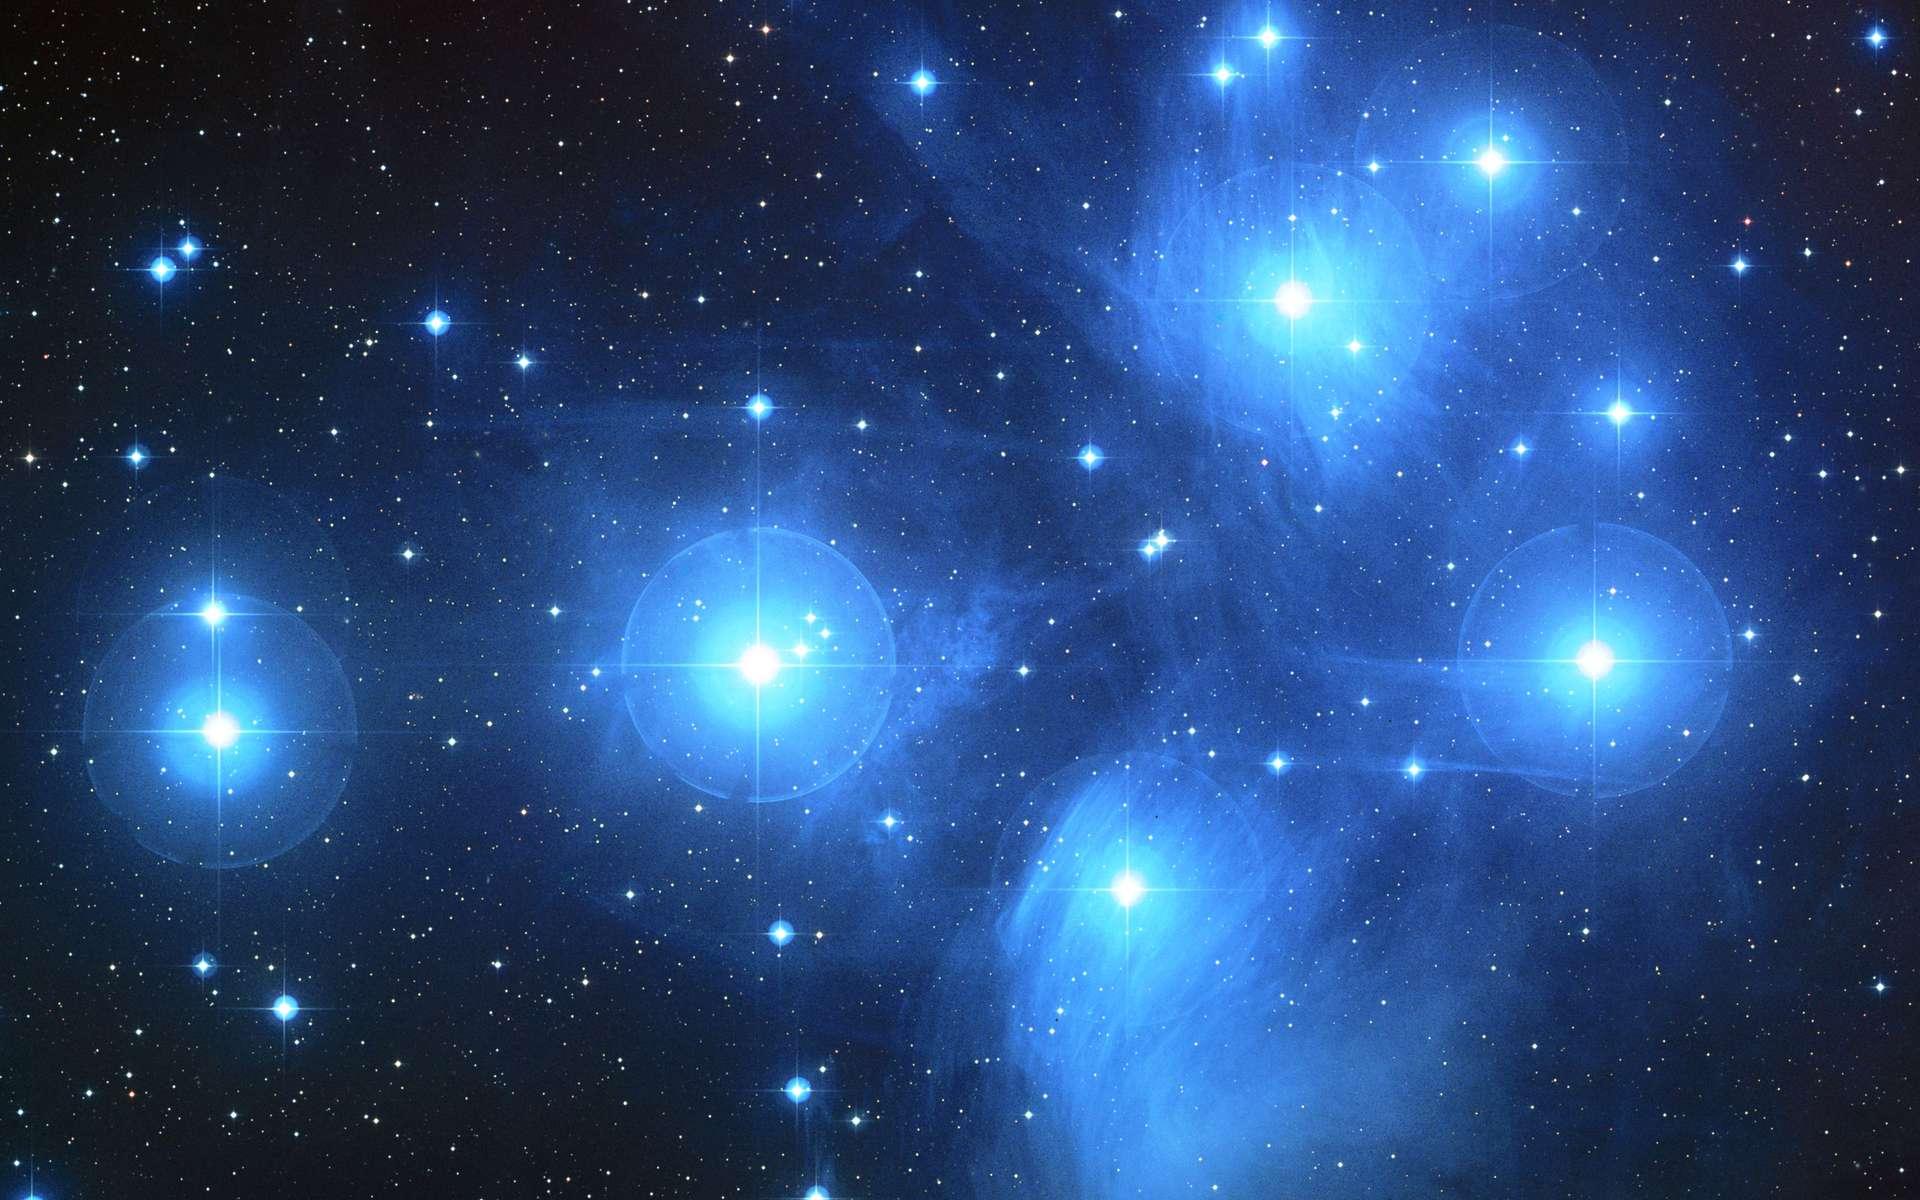 L'amas des Pléiades est un groupe de milliers de jeunes étoiles chaudes nées en même temps ou presque dans un nuage moléculaire. Il s'agit d'un amas ouvert d'étoiles qui se seront dispersées dans quelques centaines de millions d'années. Le Soleil est née dans un amas similaire de sorte qu'il a alors dû passer relativement près de plusieurs de ses jeunes sœurs. © Nasa